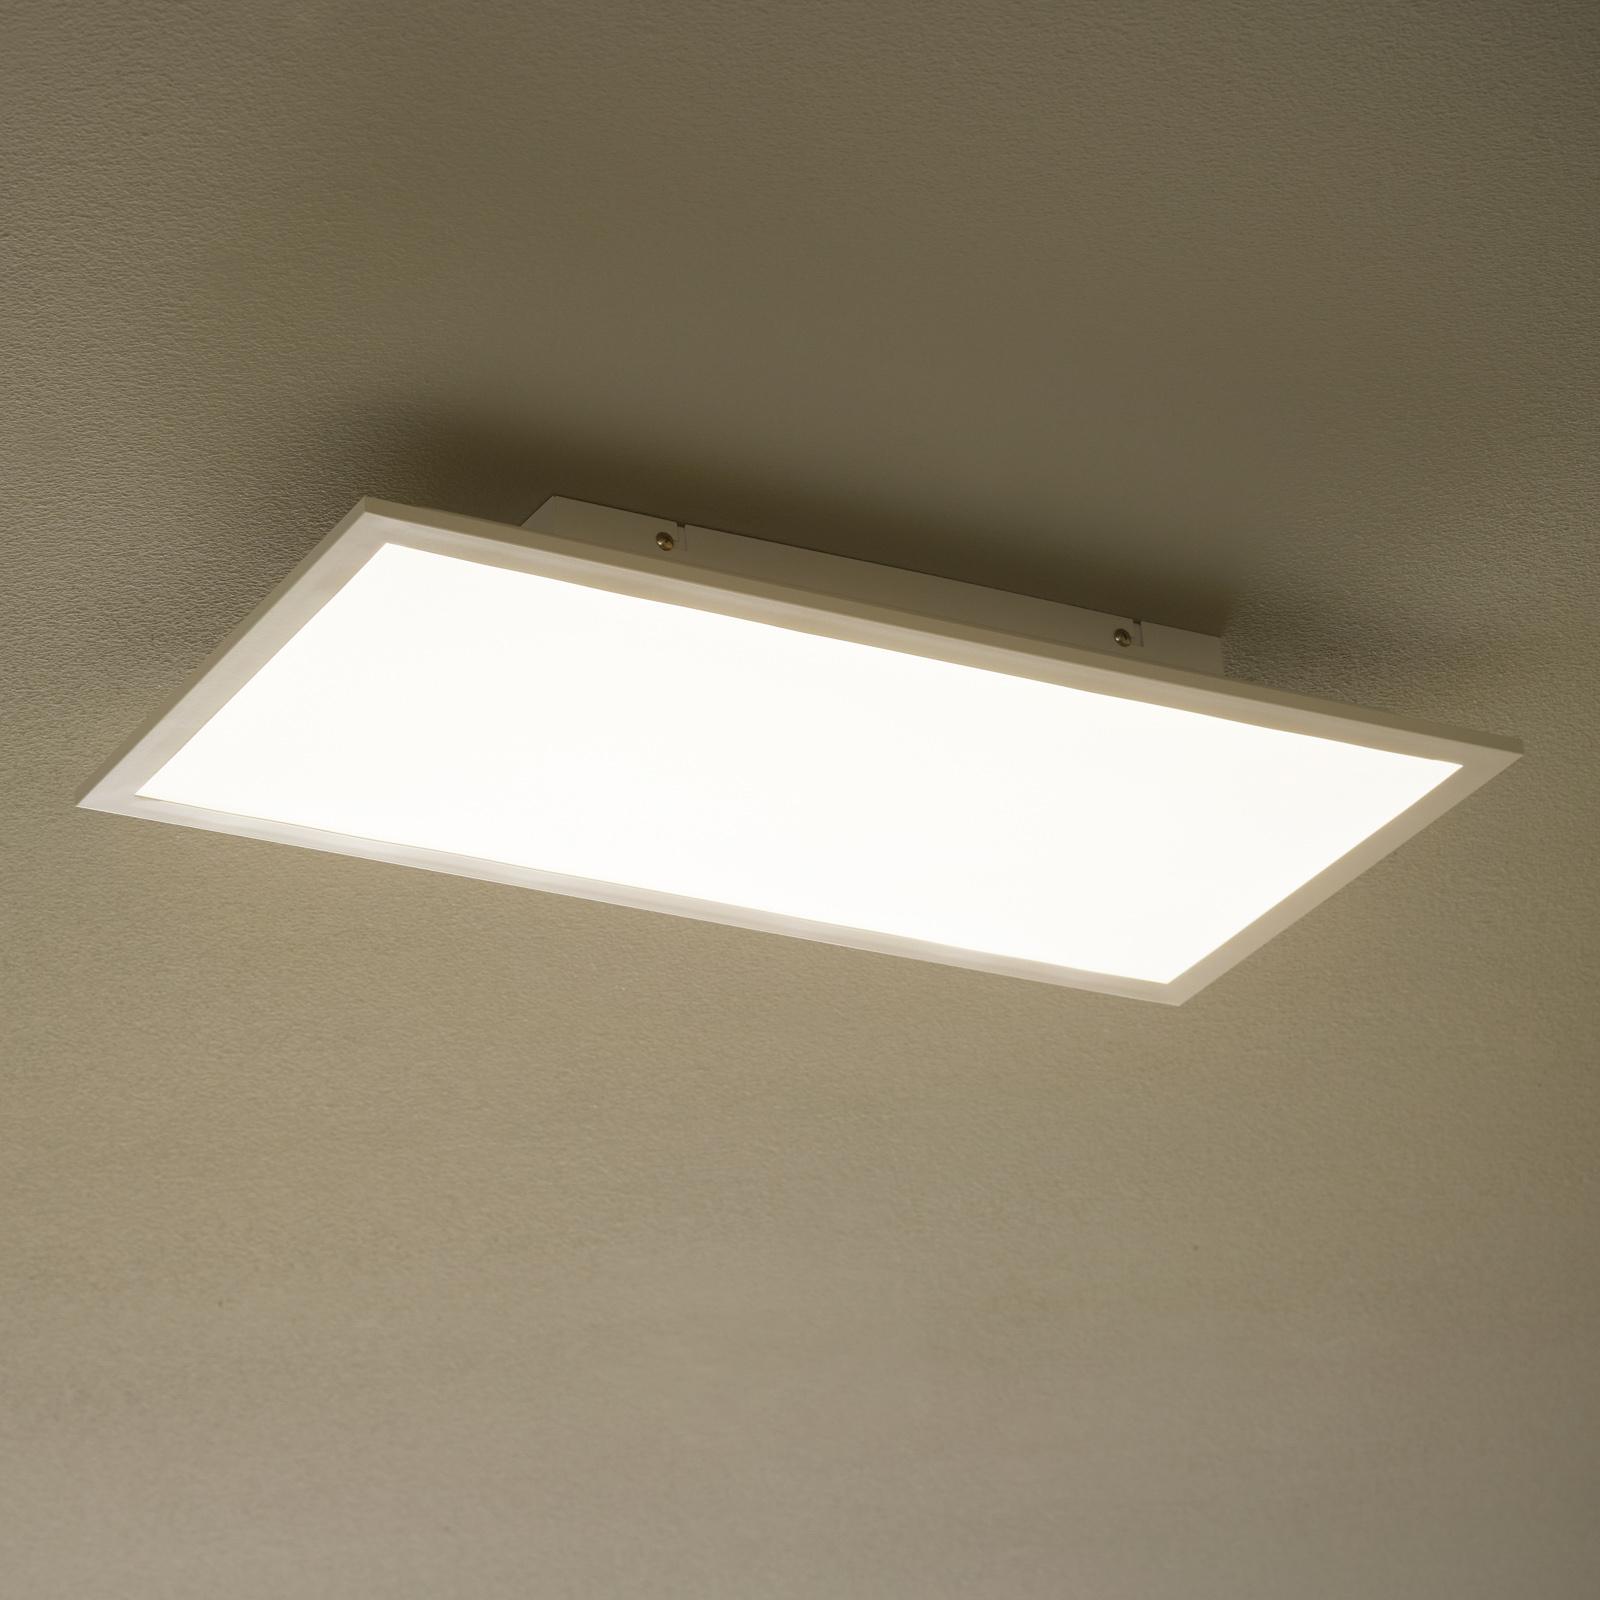 Fleet LED-taklampe med bevegelsessensor 60x30 cm